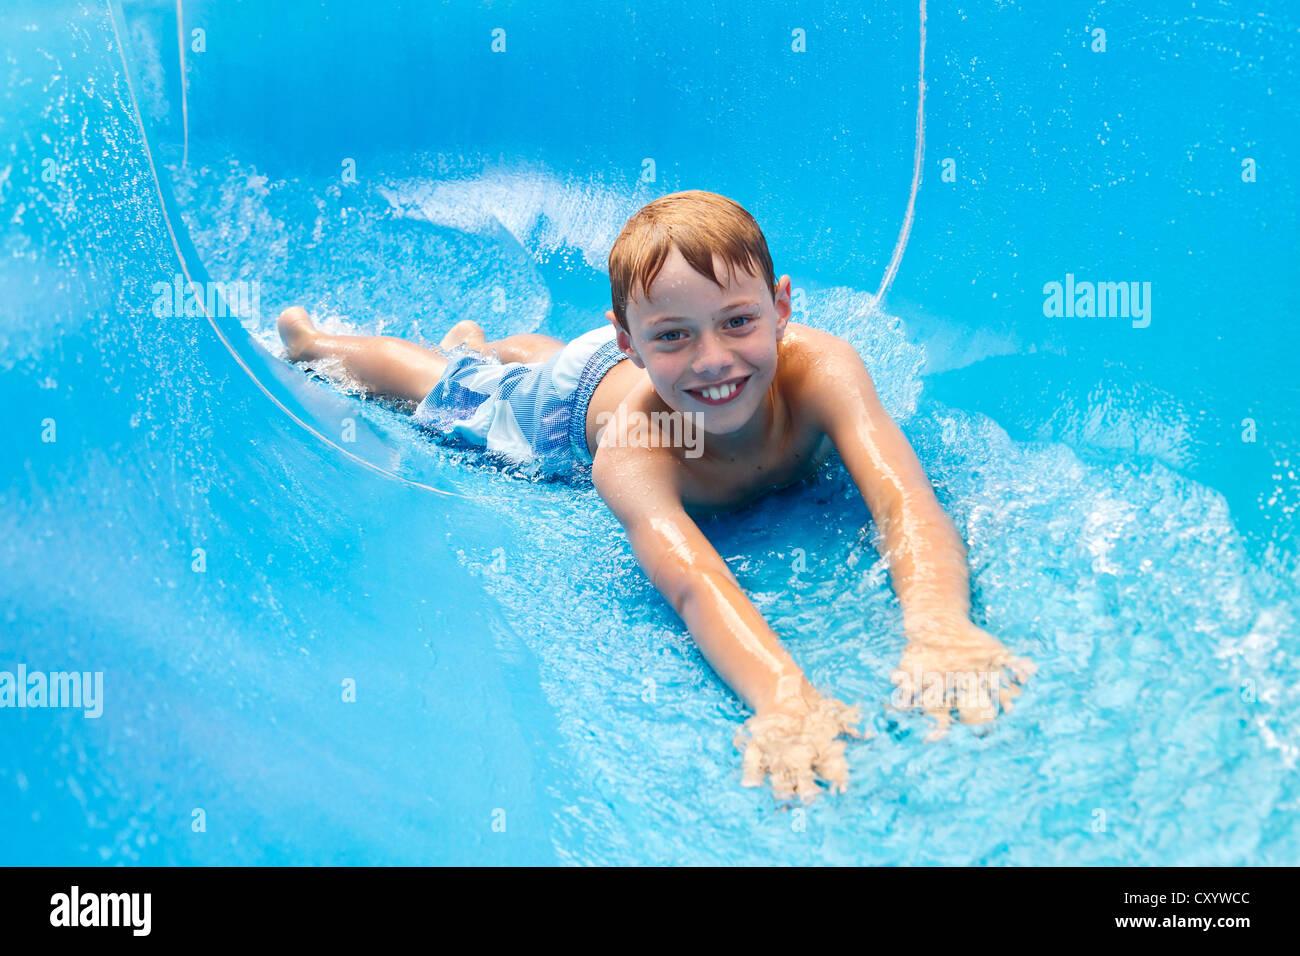 El muchacho, de 10 años, en un tobogán de agua en la piscina Imagen De Stock